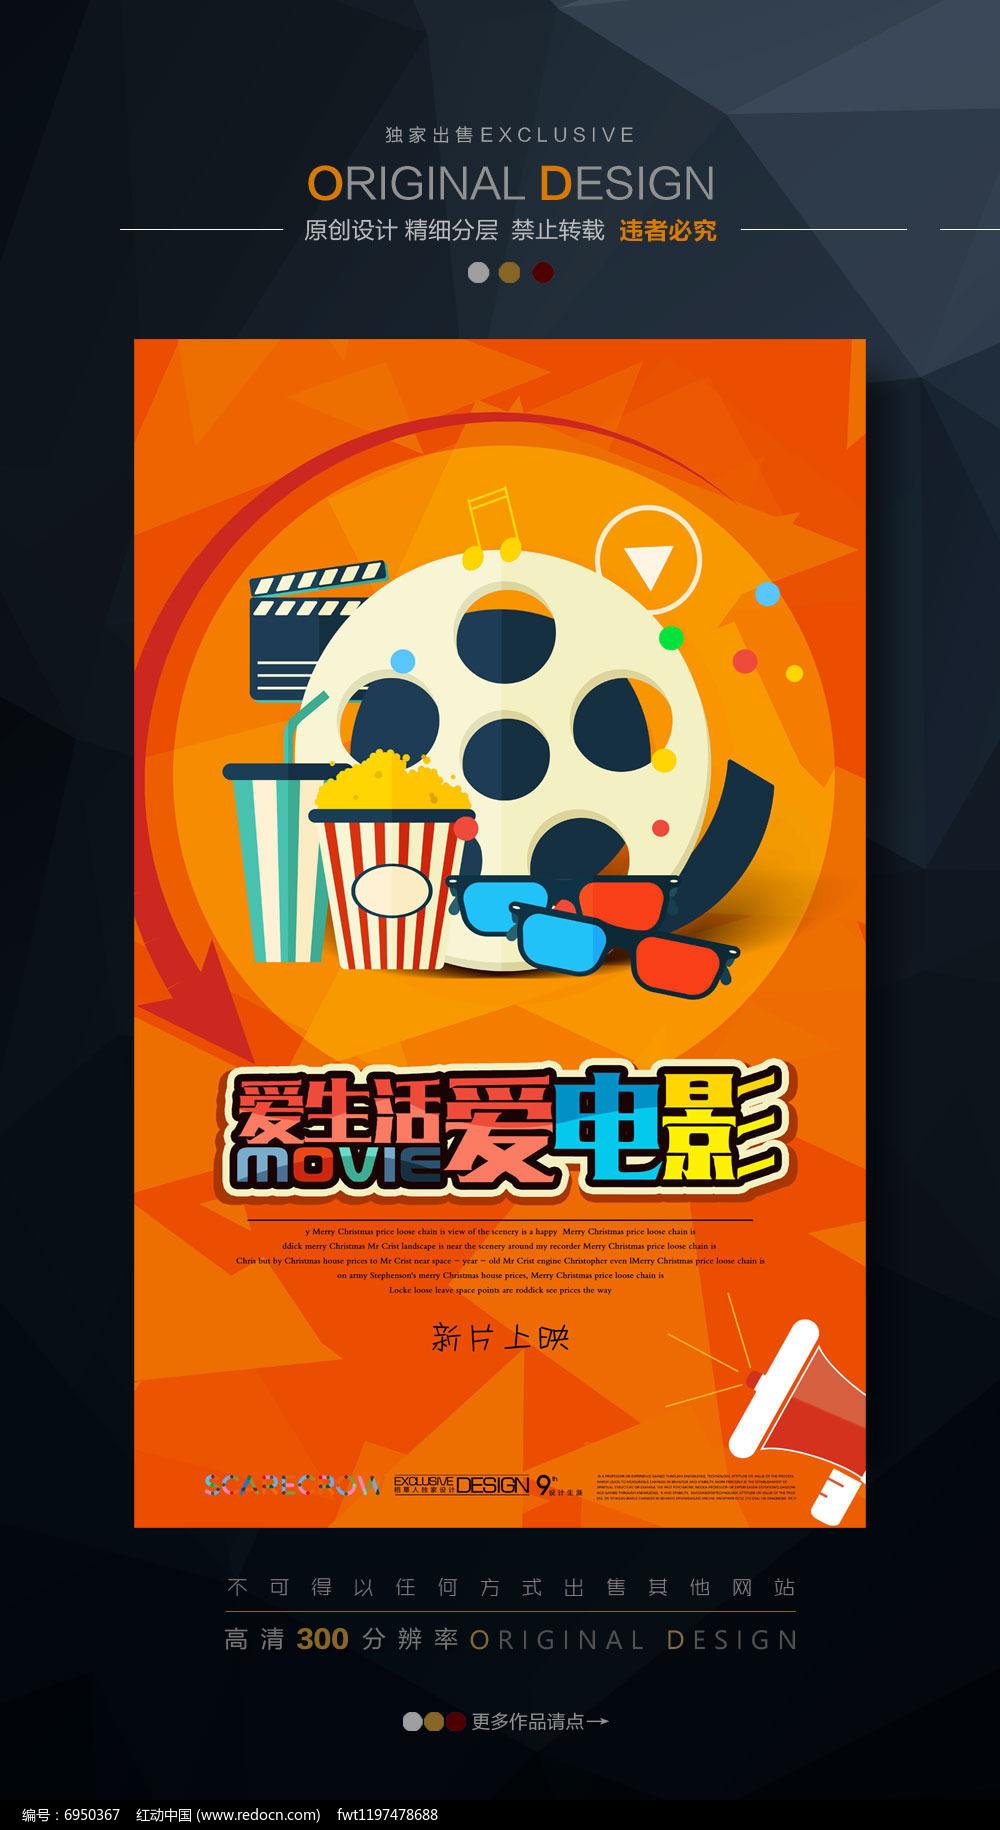 电影院手绘宣传海报psd素材下载